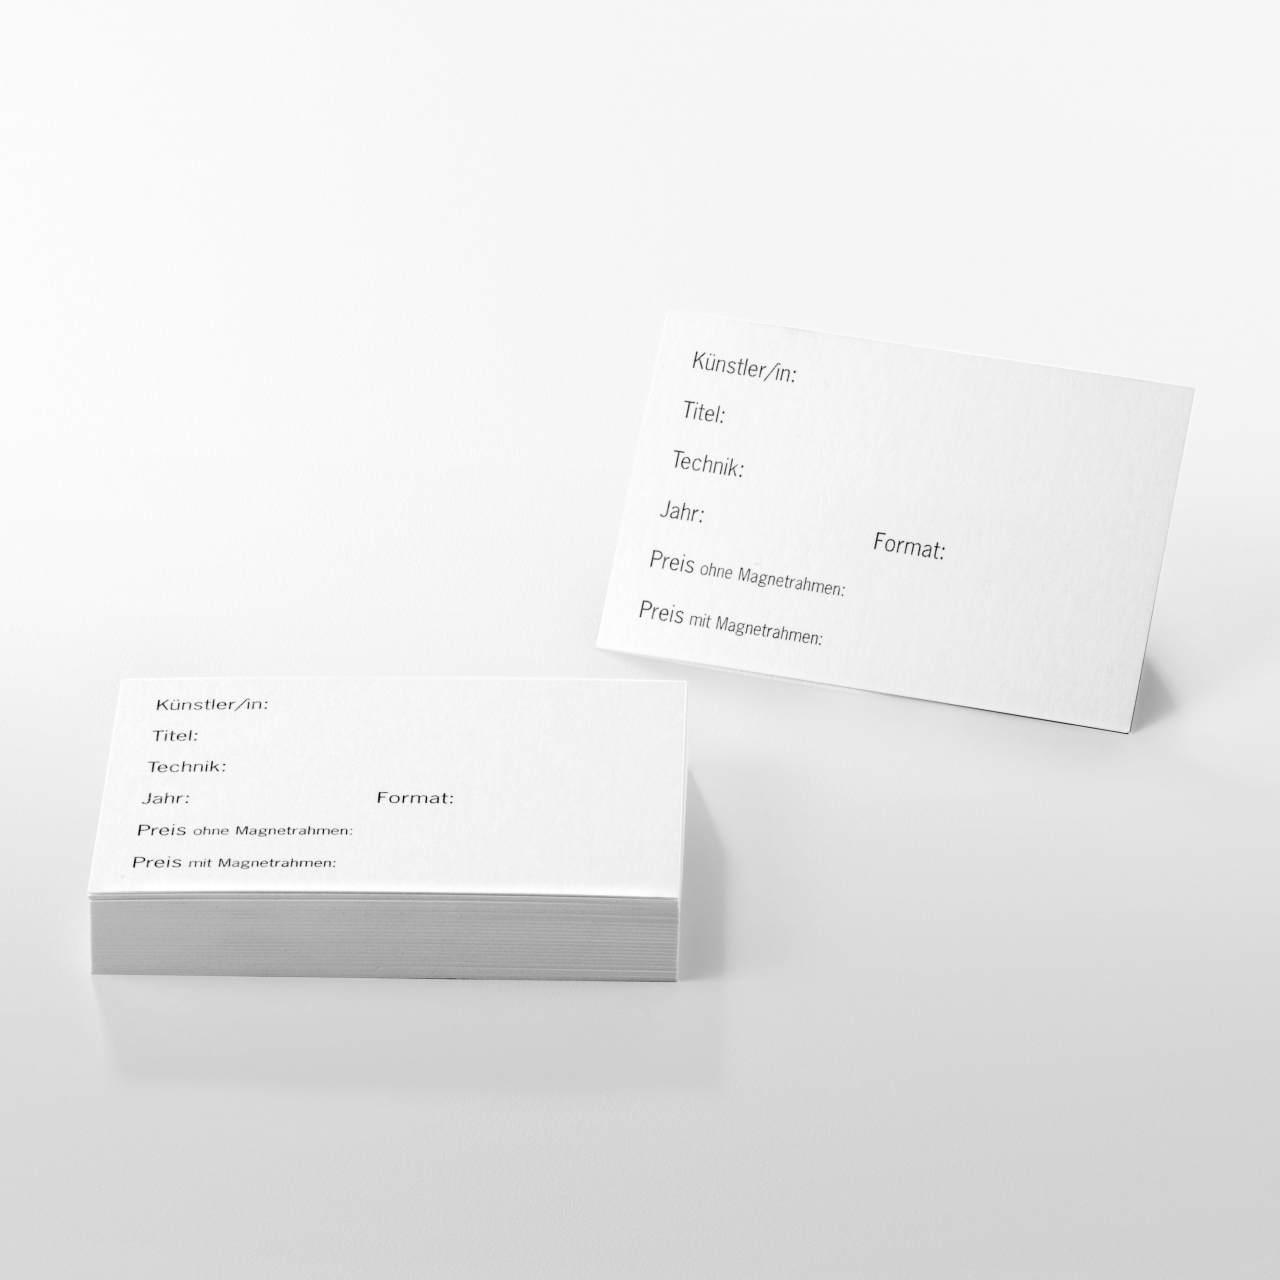 Bilderrahmen Zubehör für Ausstellungen online kaufen   HALBE-Rahmen GmbH